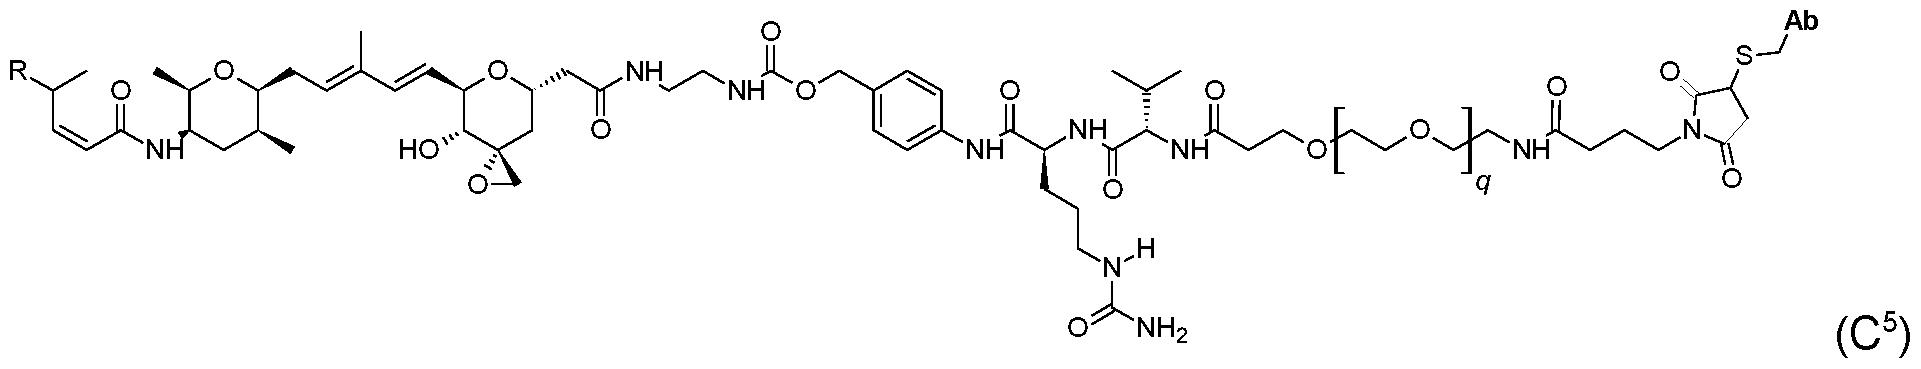 Figure imgf000047_0006